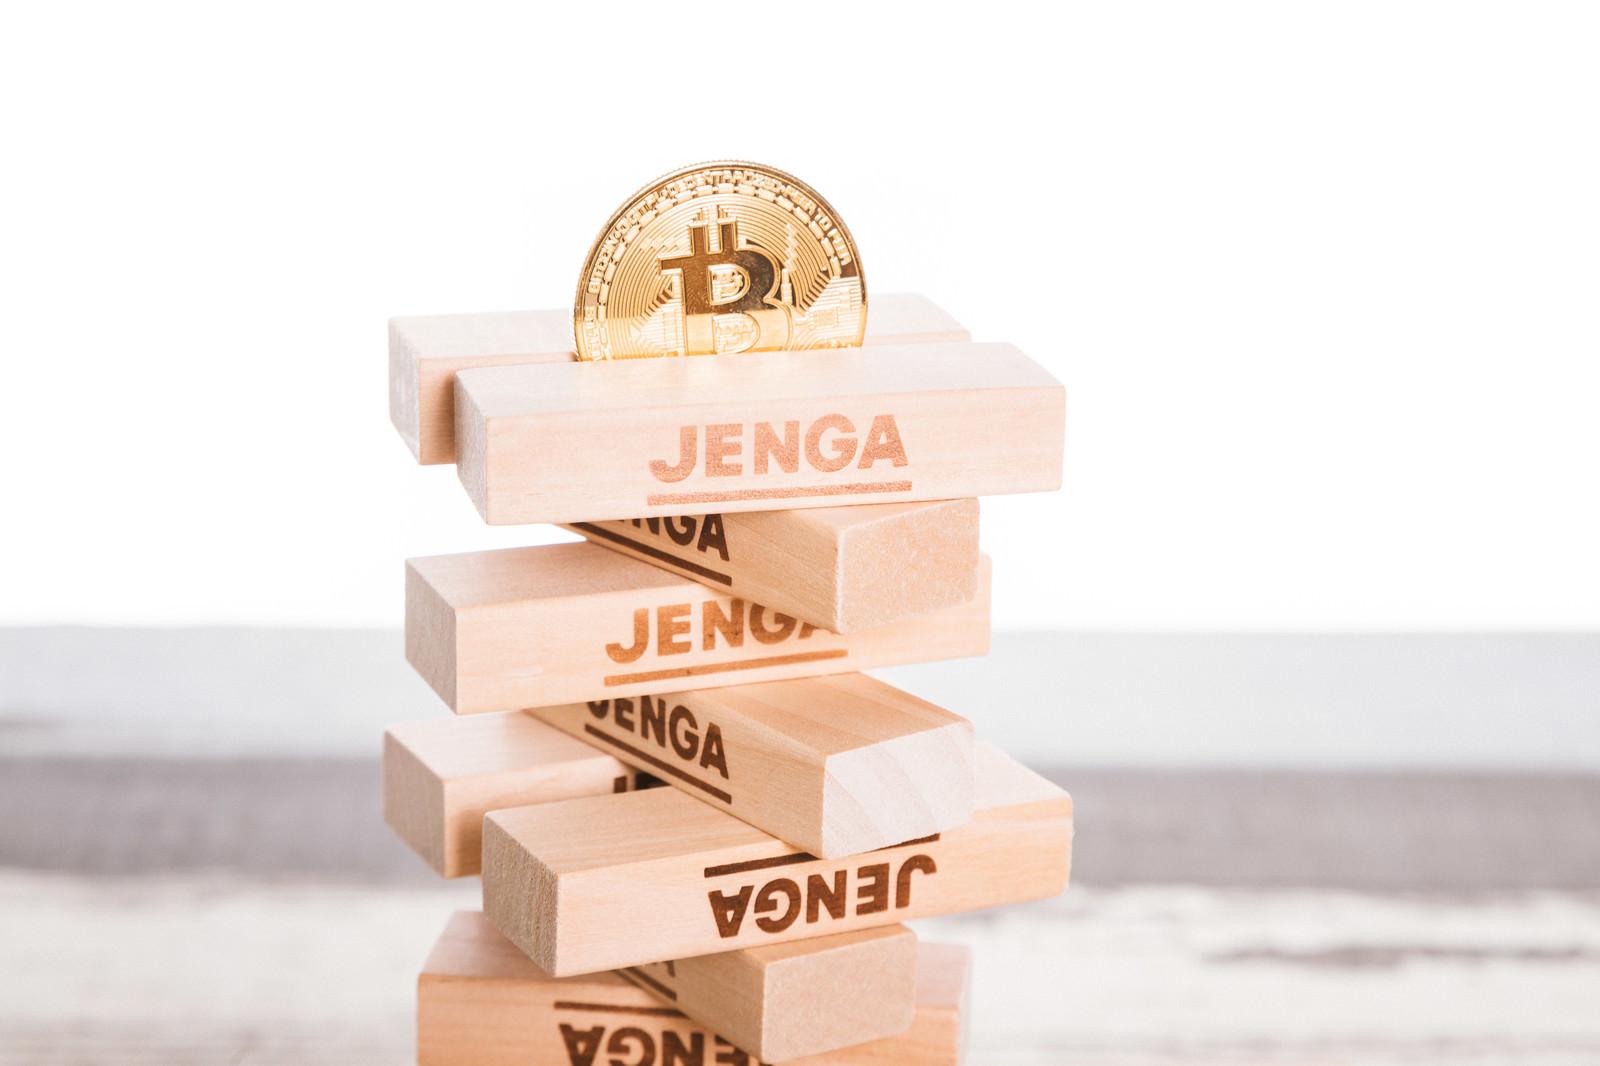 「ぐらつくビットコイン」の写真